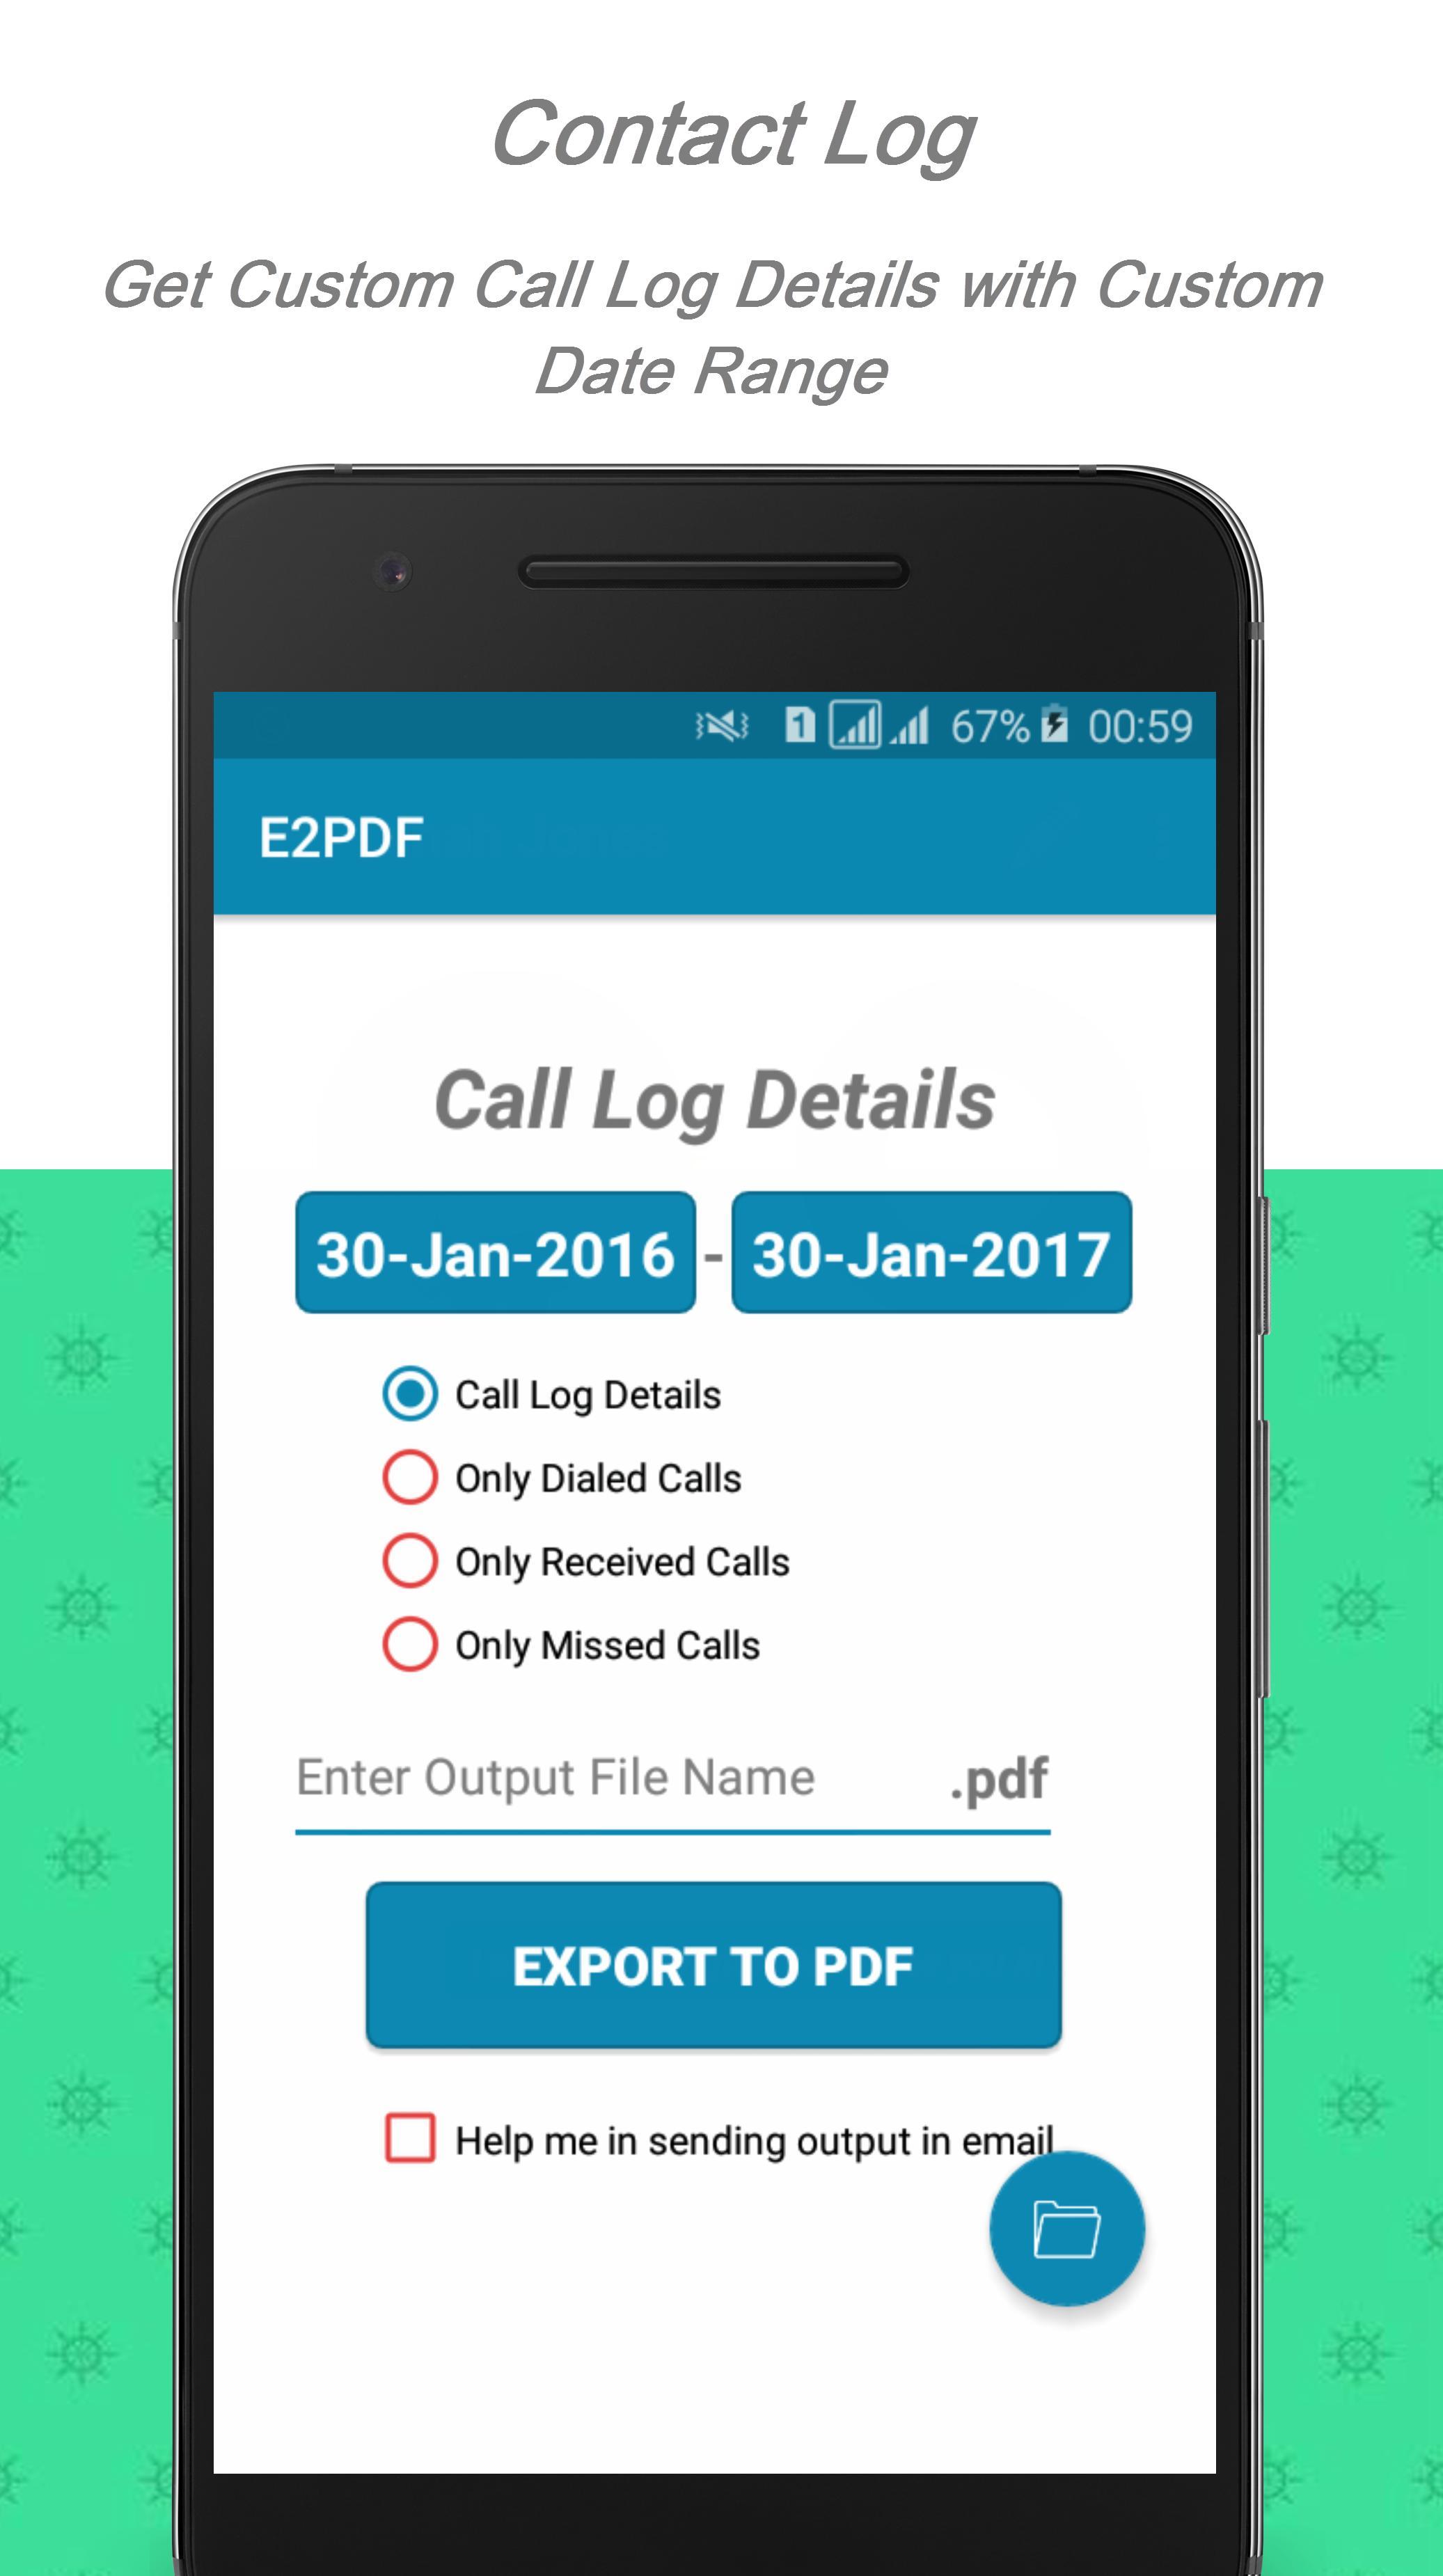 E2PDF – Backup Restore SMS,Call,Contact,TrueCaller